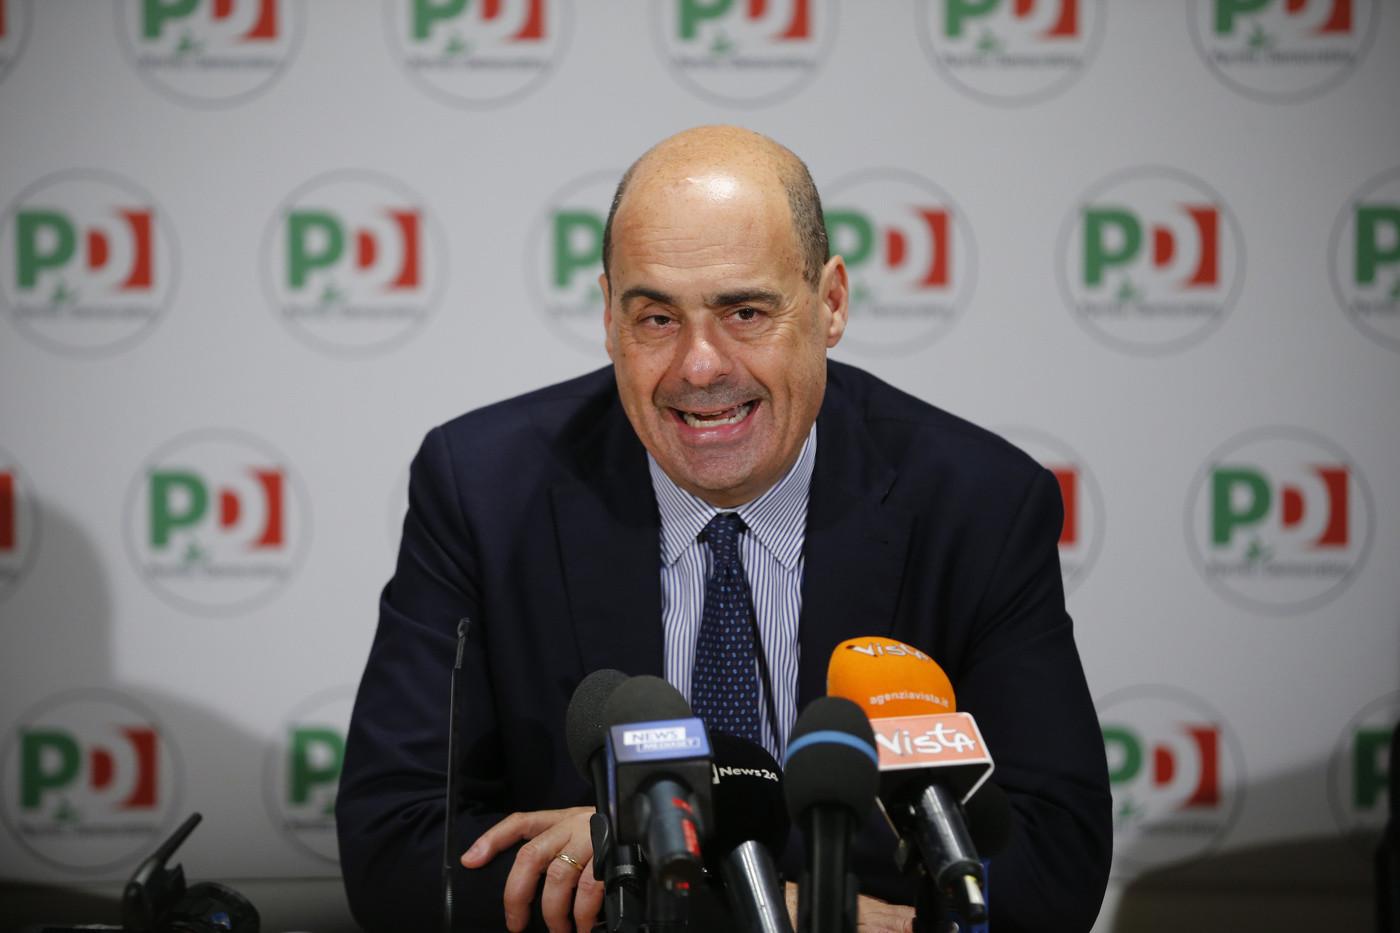 """Pd, resa dei conti dopo i ballottaggi. Zingaretti: """"Ora rivoluzione, stop correnti"""""""